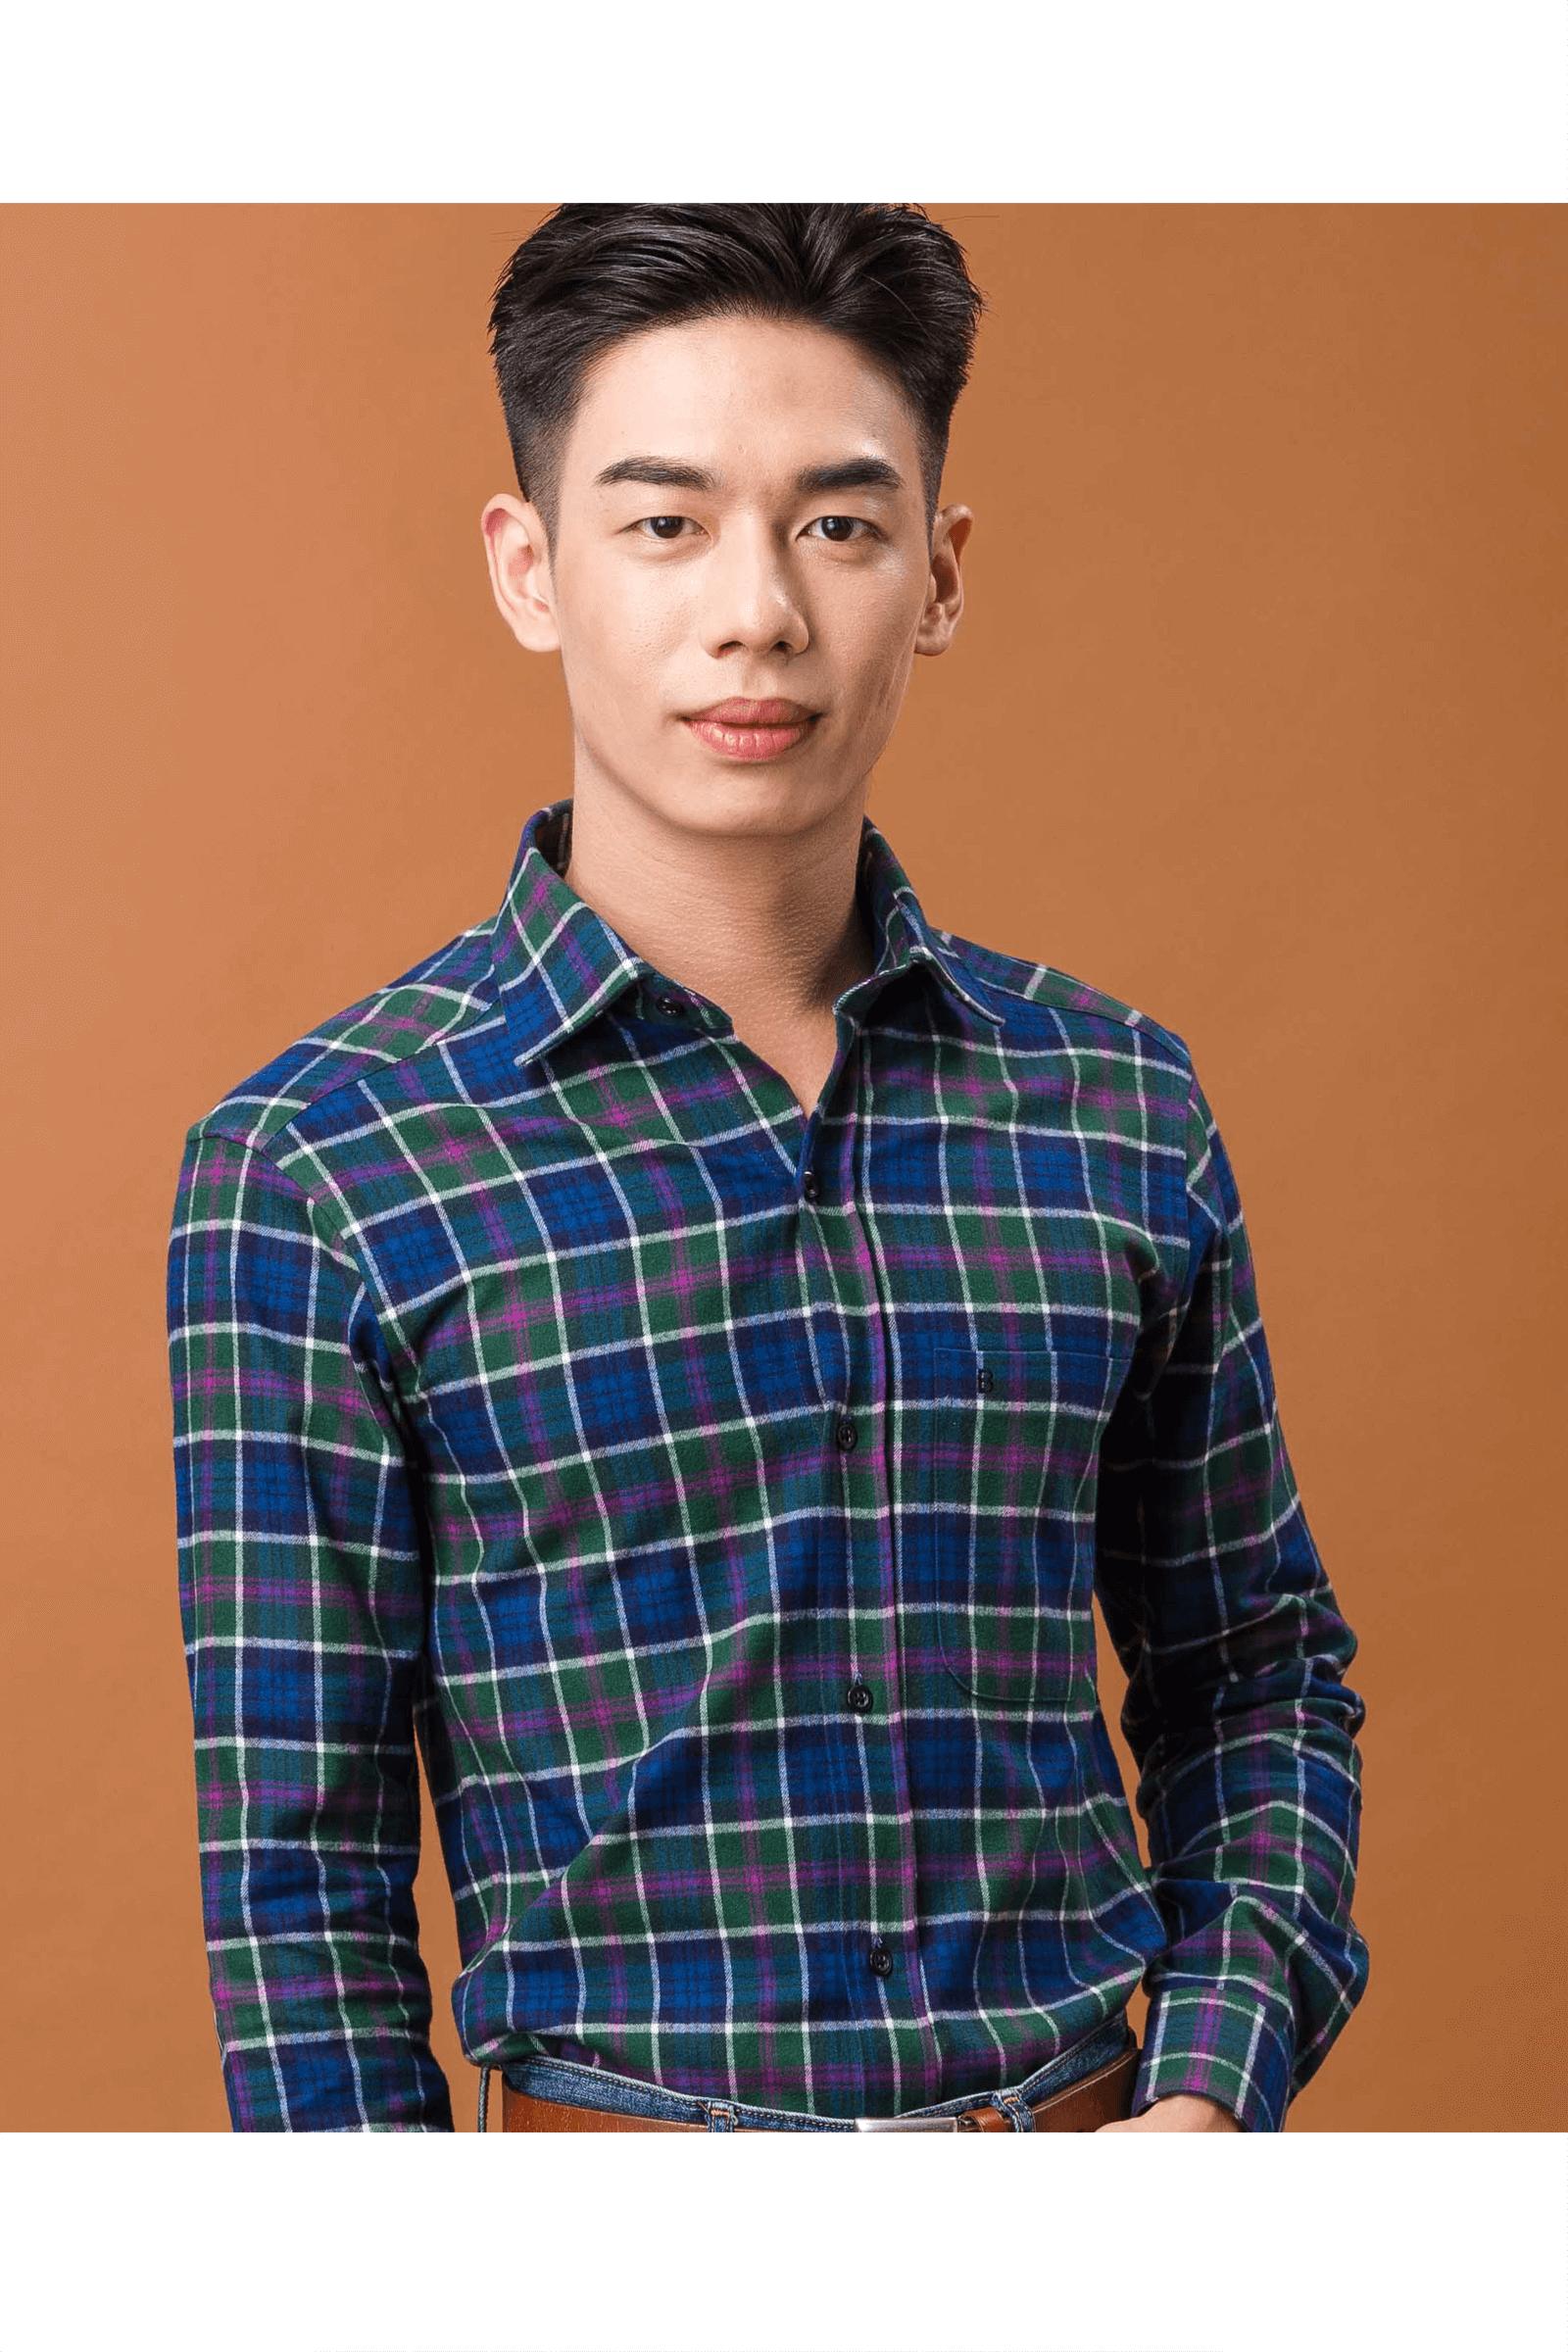 磨毛純棉長袖襯衫(綠藍格)/ 舒適保暖<br />